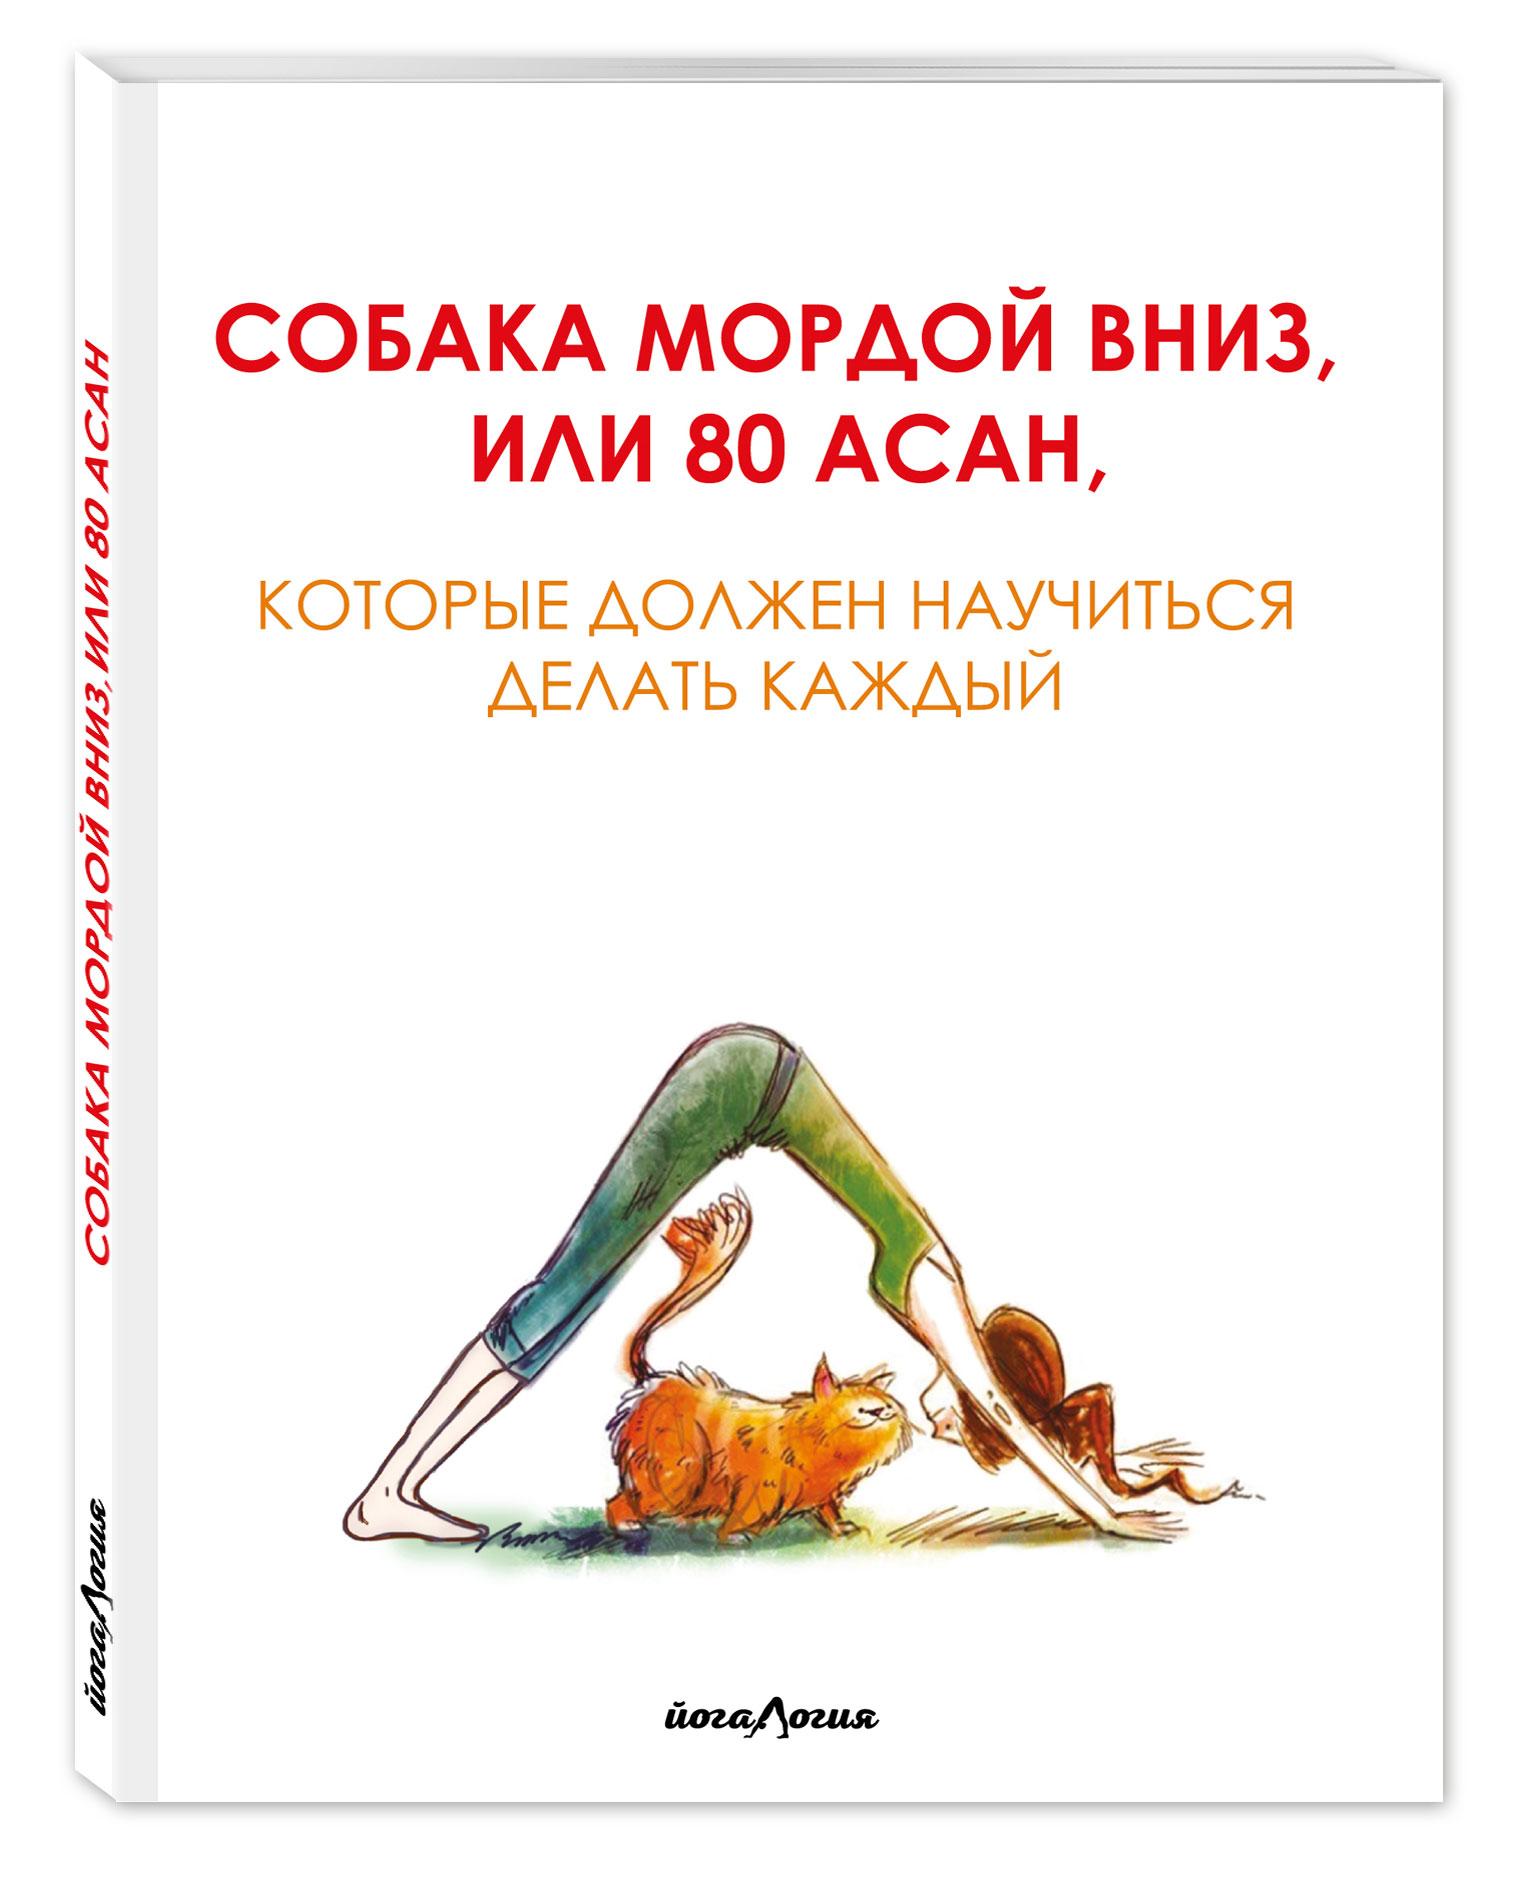 Собака мордой вниз, или 80 асан, которые должен научиться делать каждый от book24.ru